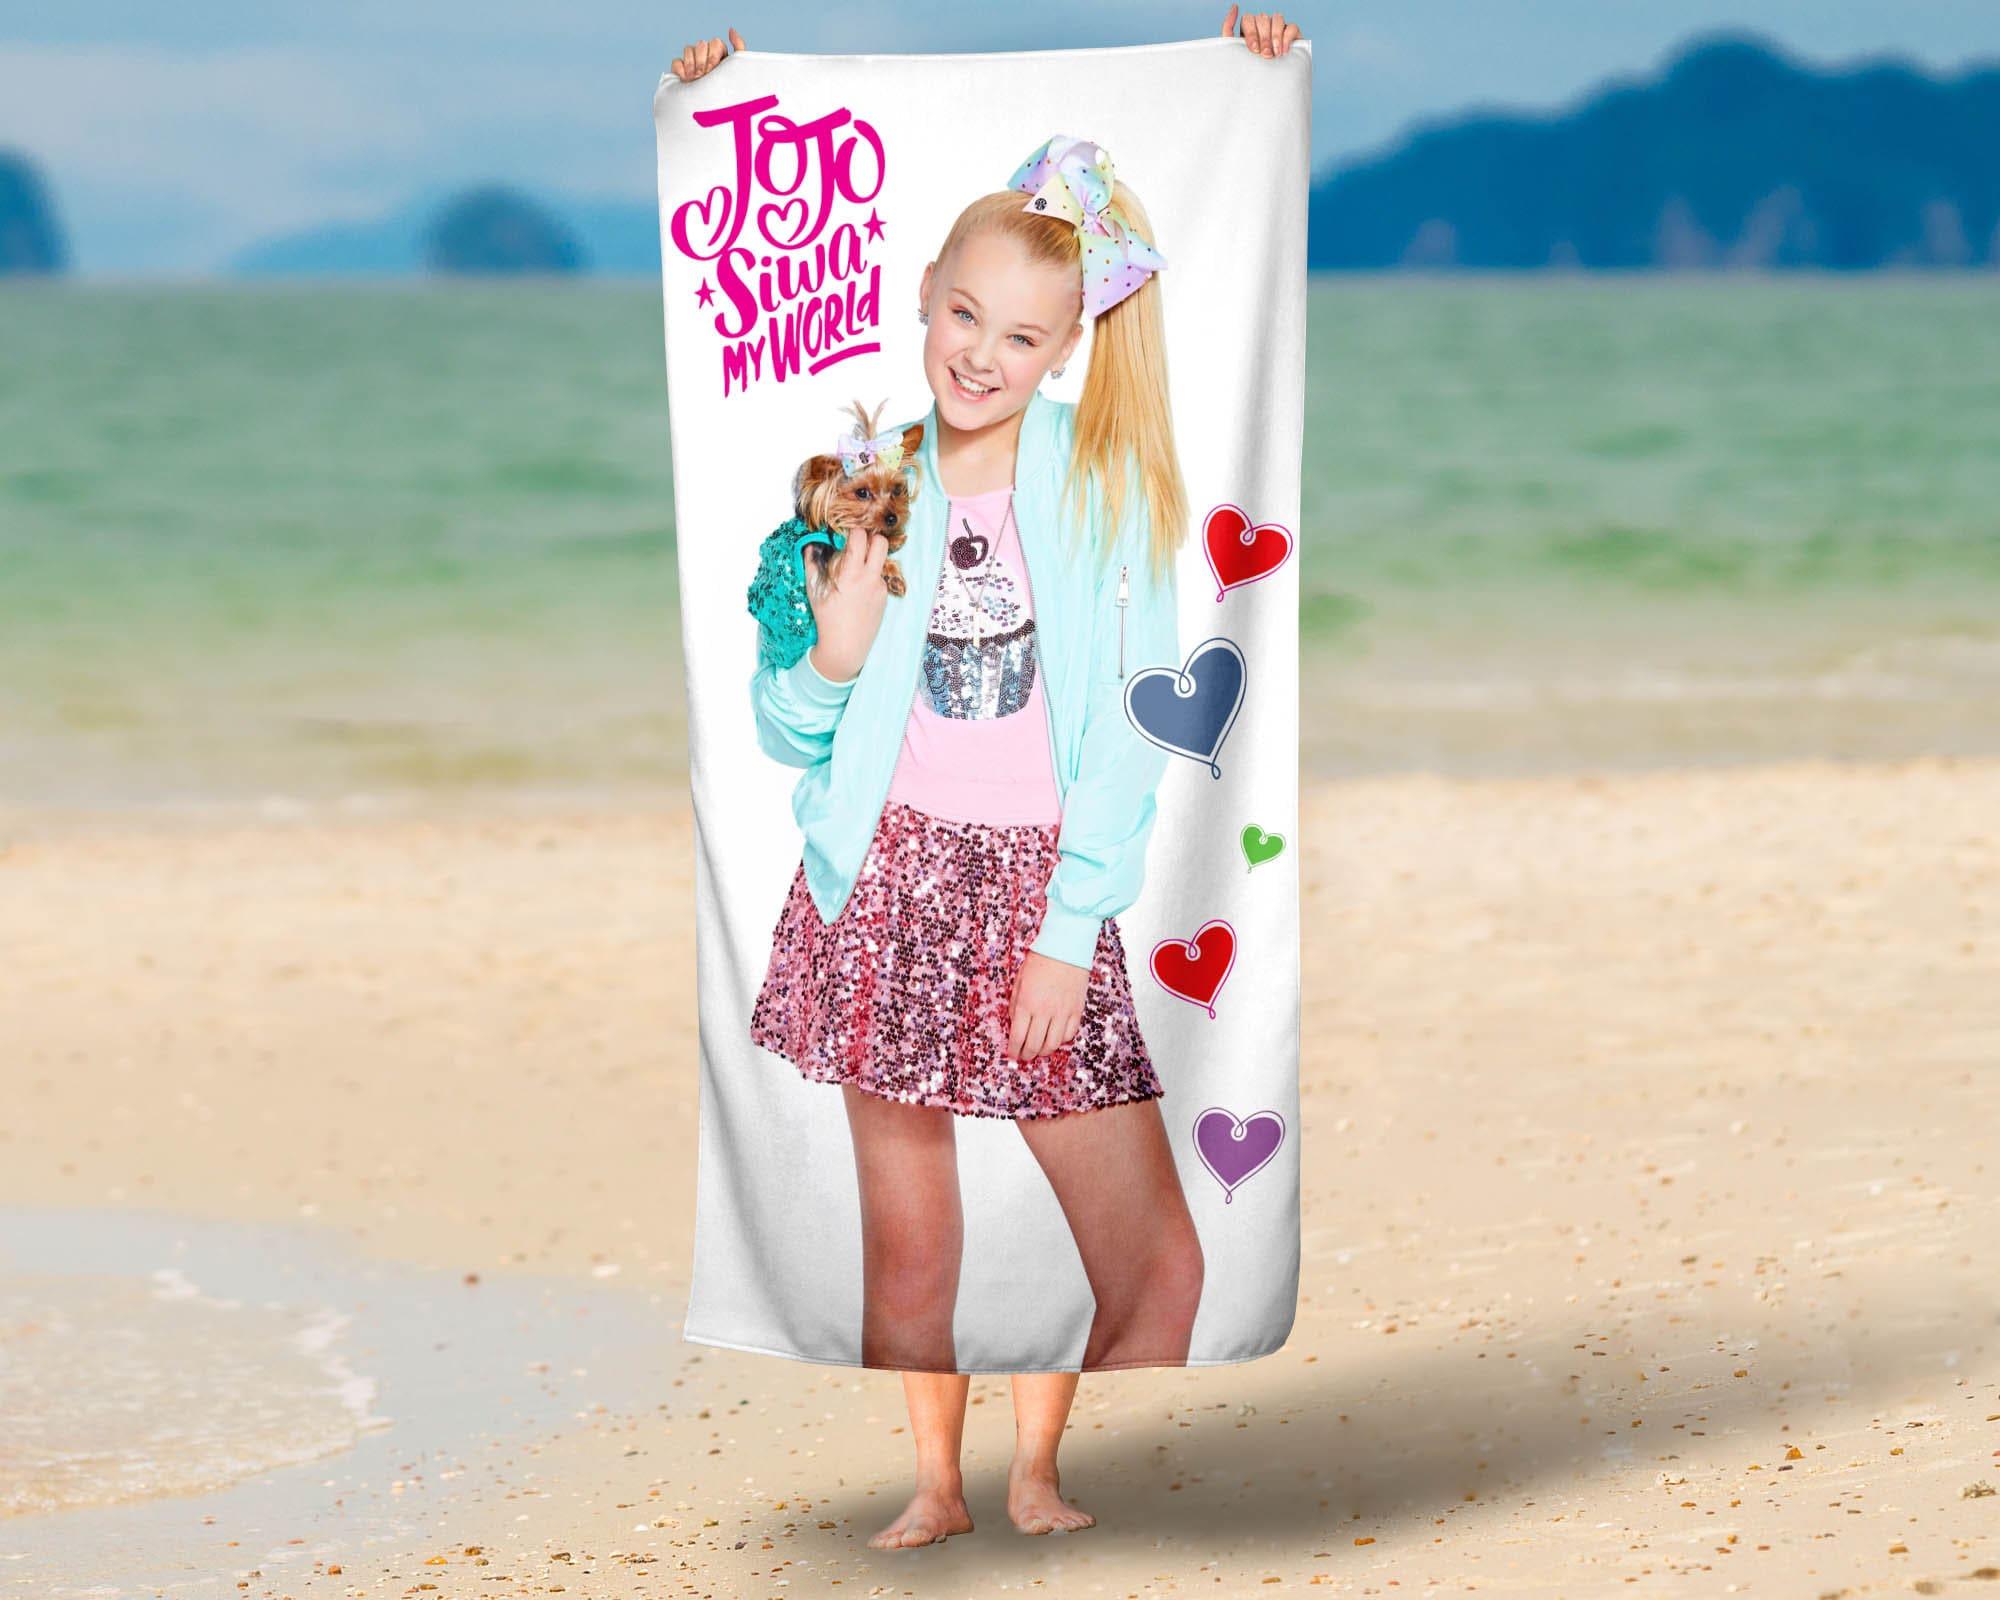 Jojo siwa beach towel jojo siwa microfiber etsy jpg 2000x1600 Jojo siwa  beach 5149abe4b